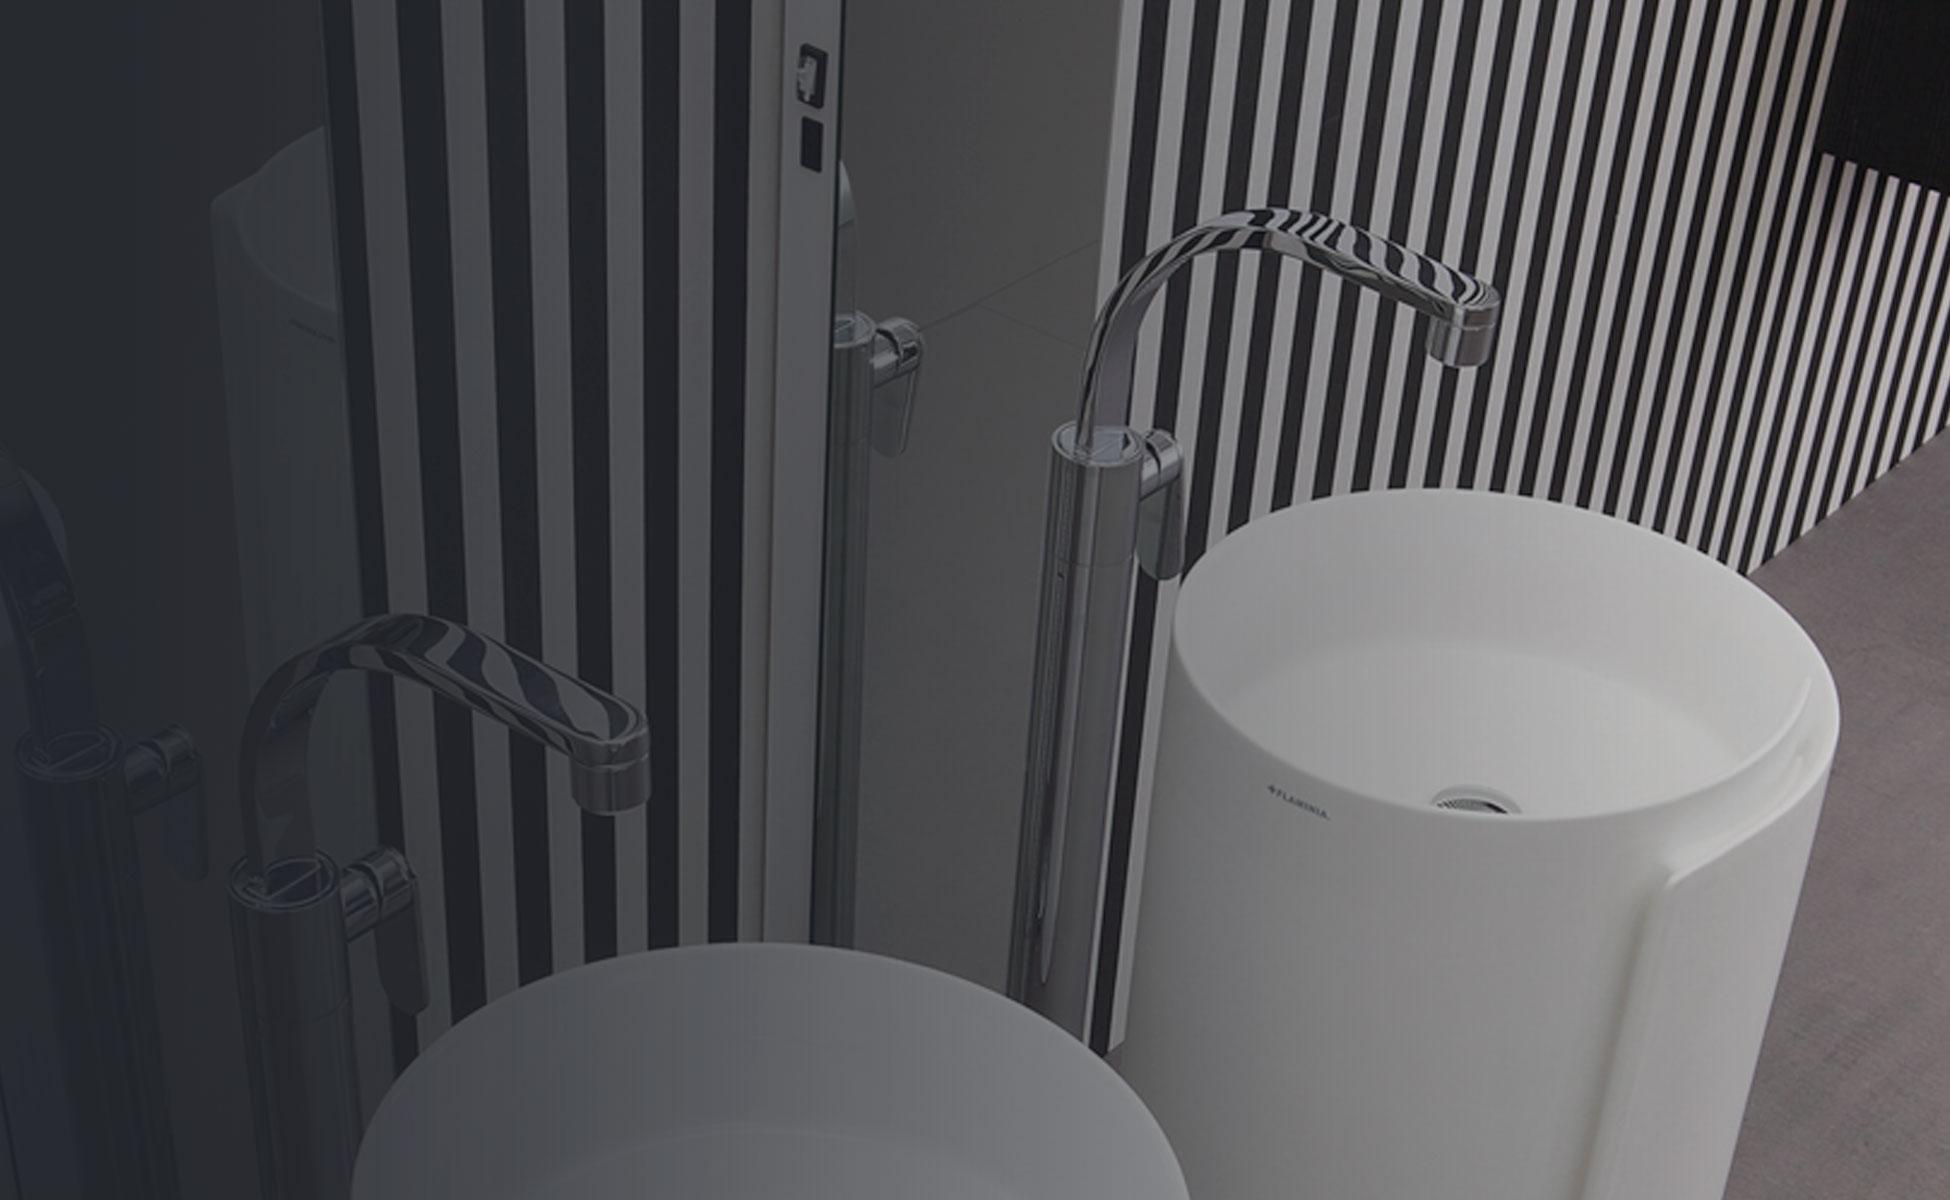 Caterino cearmiche arredo bagno rubinetteria lavabi vasche doccia aversa caserta napoli - Arredo bagno caserta ...